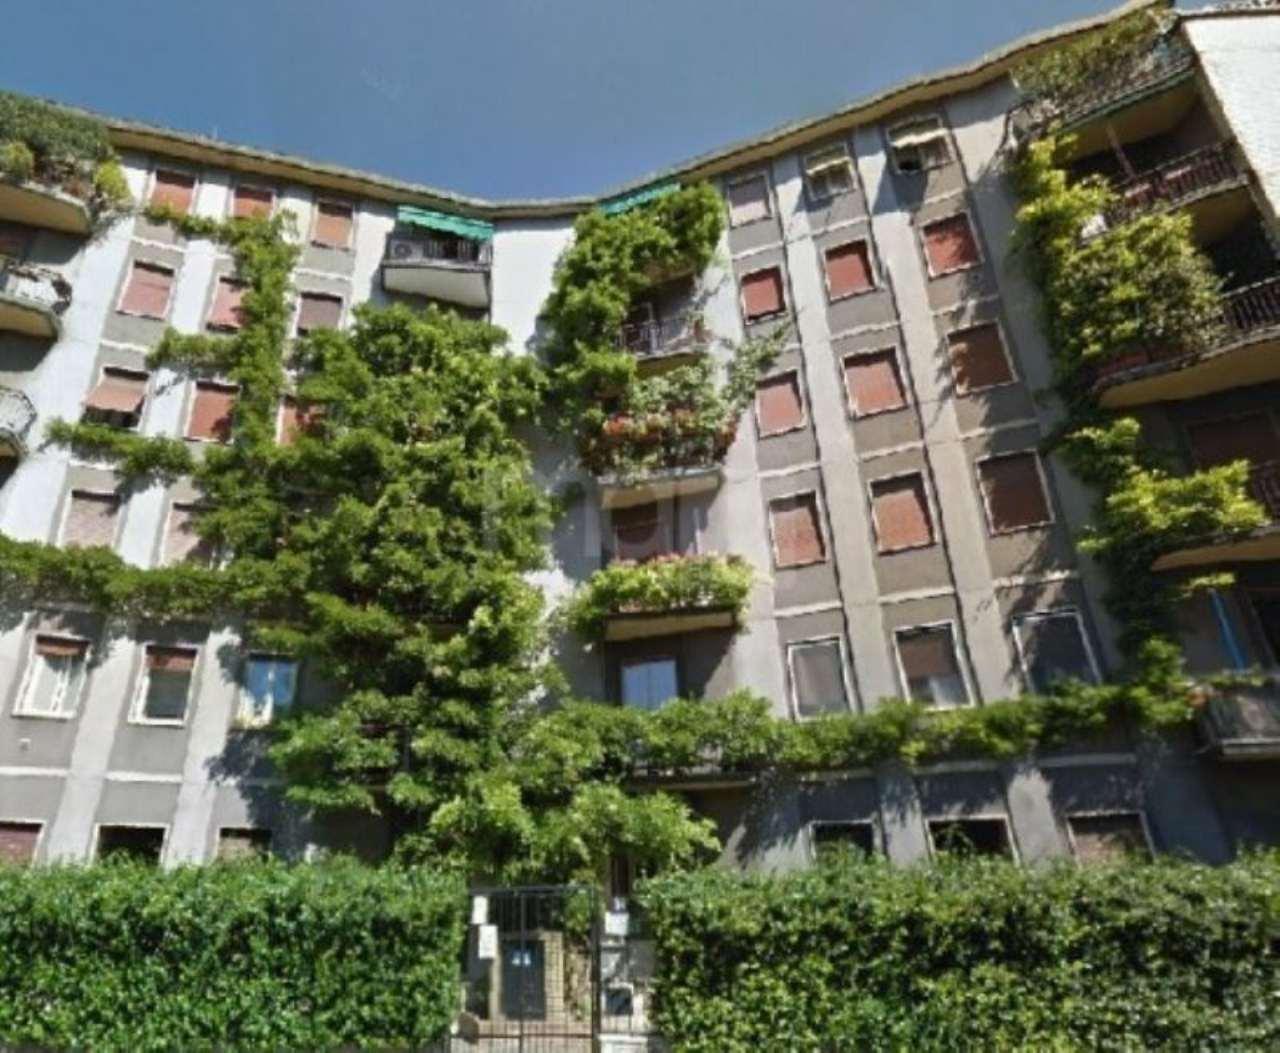 Appartamento in vendita a Milano, 3 locali, zona Zona: 5 . Citta' Studi, Lambrate, Udine, Loreto, Piola, Ortica, prezzo € 185.000   Cambio Casa.it